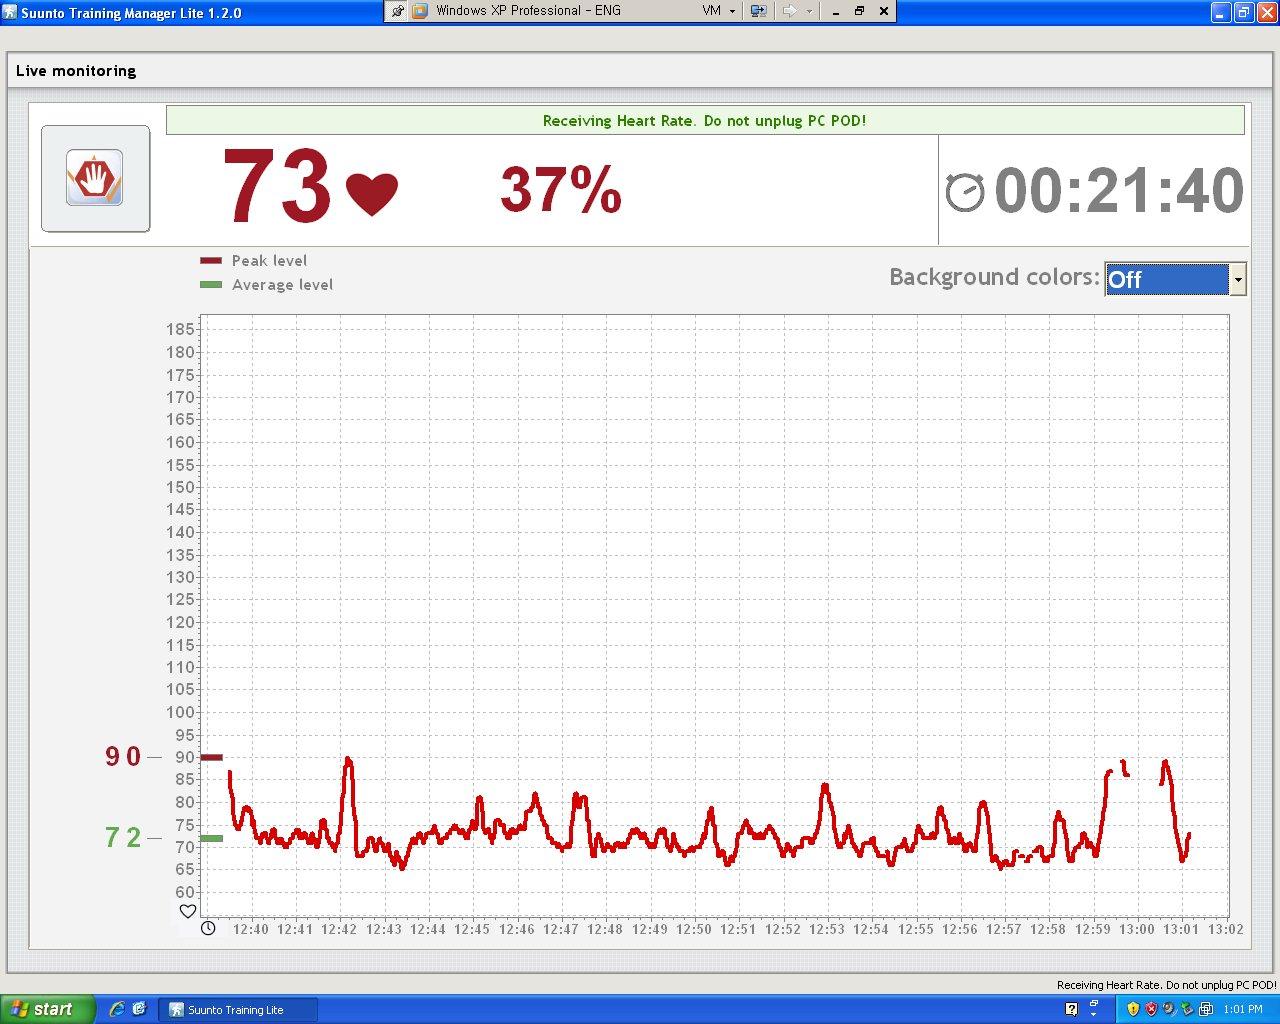 실시간으로 심박수를 PC에서 모니터링 함